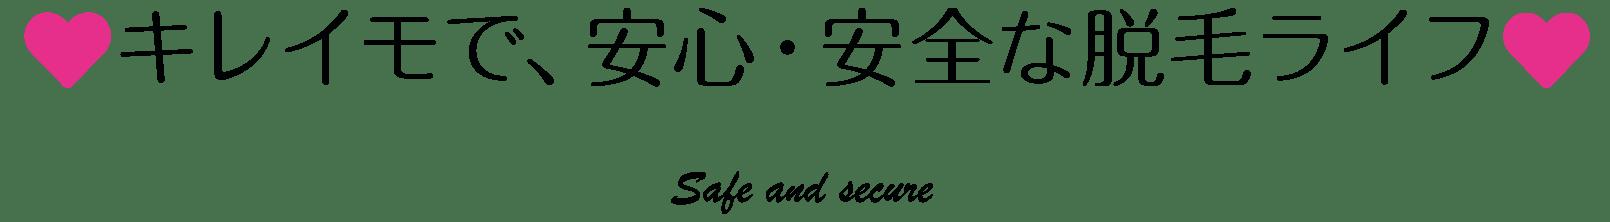 ♡キレイモで、安心・安全な脱毛ライフ♡ Safe and secure